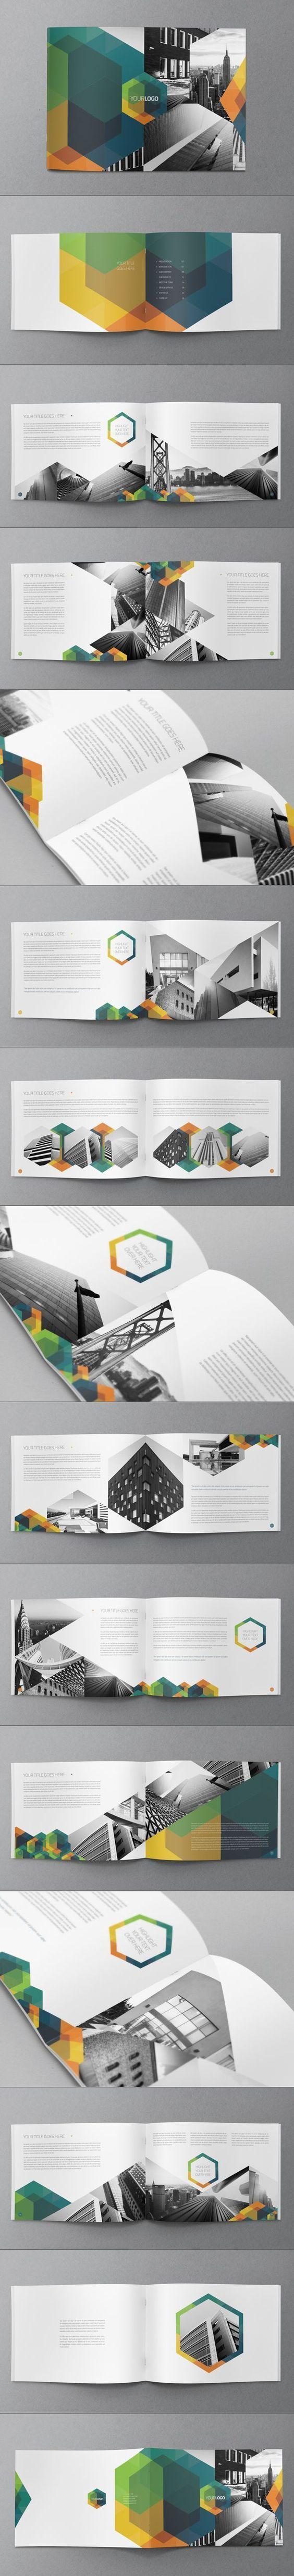 Graphic Design Inspiration - Business Portfolio -  Company Profile - Brochure - Press Release - Modern - Geometric - Colorful: